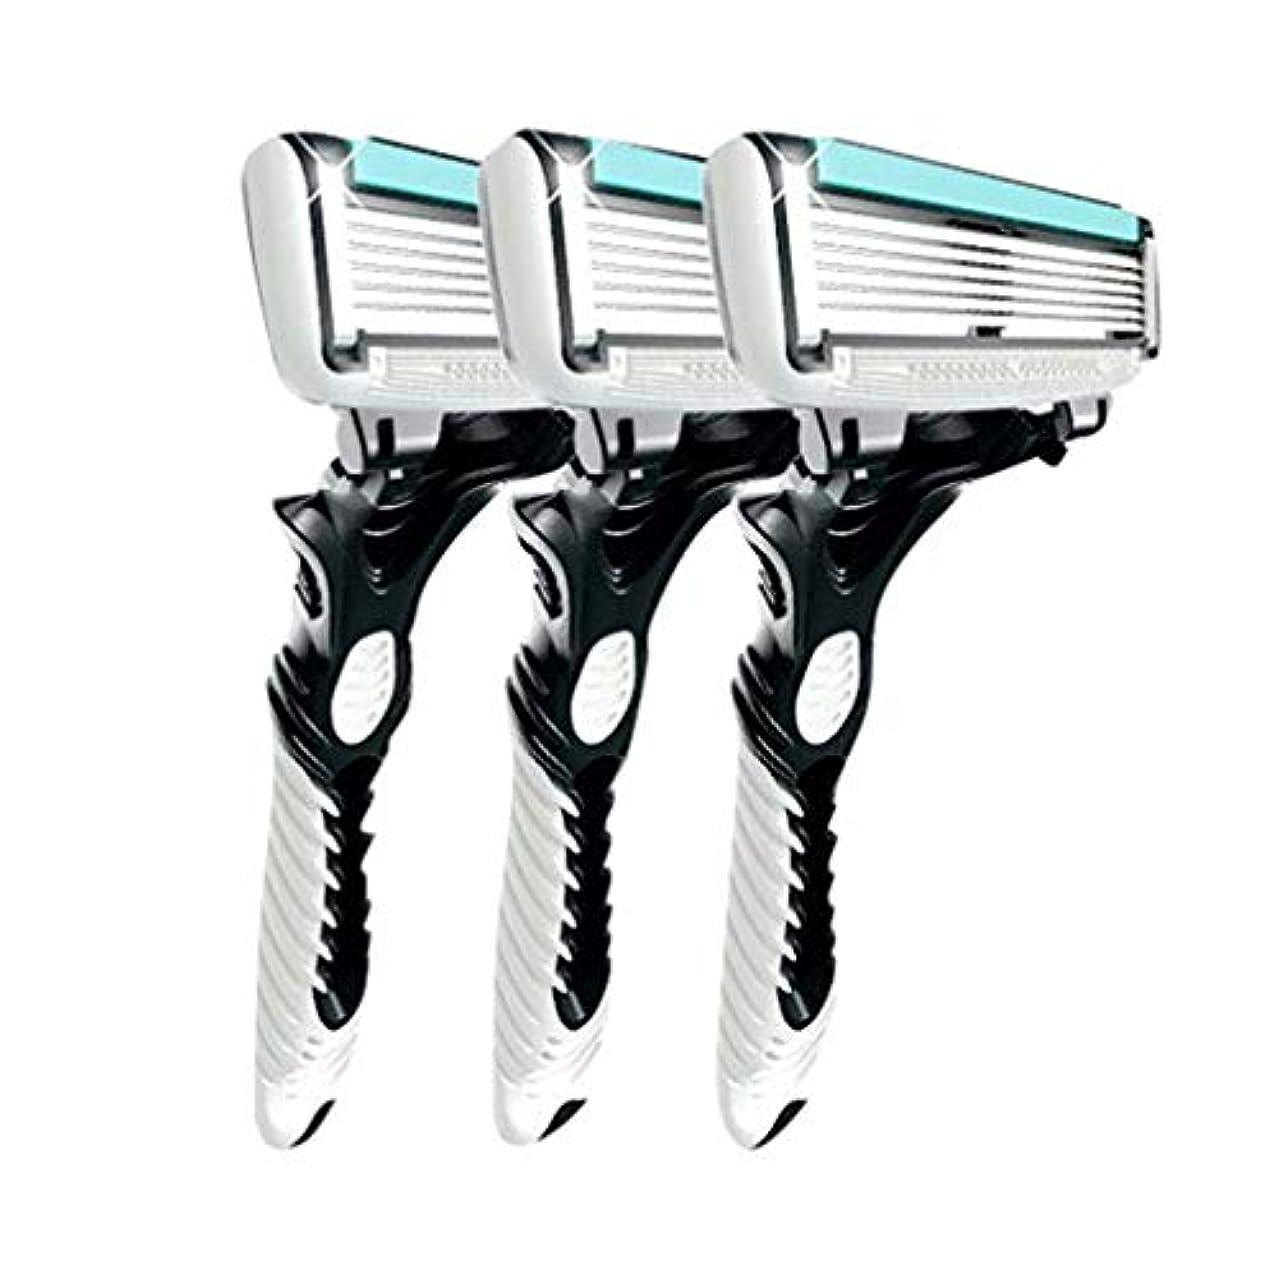 迷惑優雅彼らのもの3pcsの男性の安全の伝統的なクラシック6層シェービング髪ブレードカミソリのマニュアルステンレス鋼のシェービング髪のブレイド